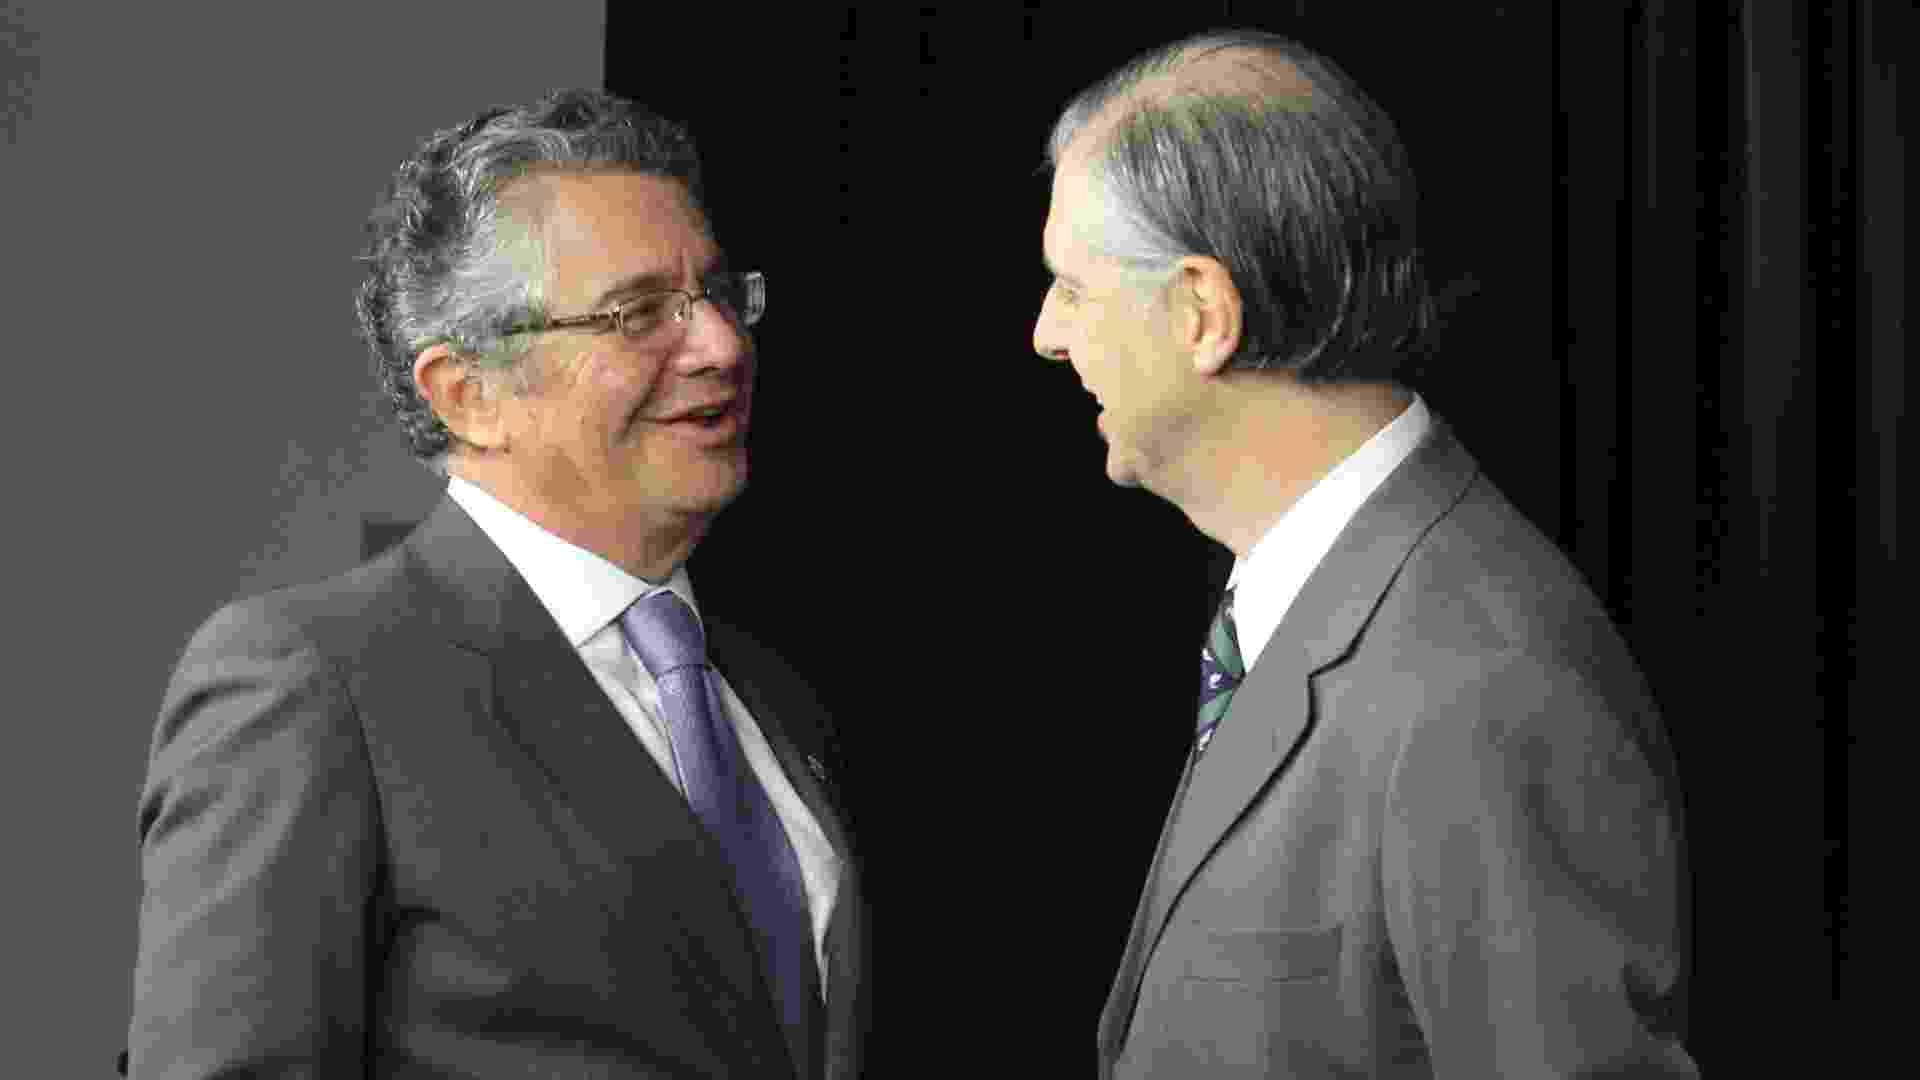 Marco Aurélio Mello, ministro do Supremo Tribunal Federal, participou do Poder e Política Entrevista, do UOL e da Folha, em 30 de maio de 2012. - Lula Marques 30.mai.2012/Folhapress